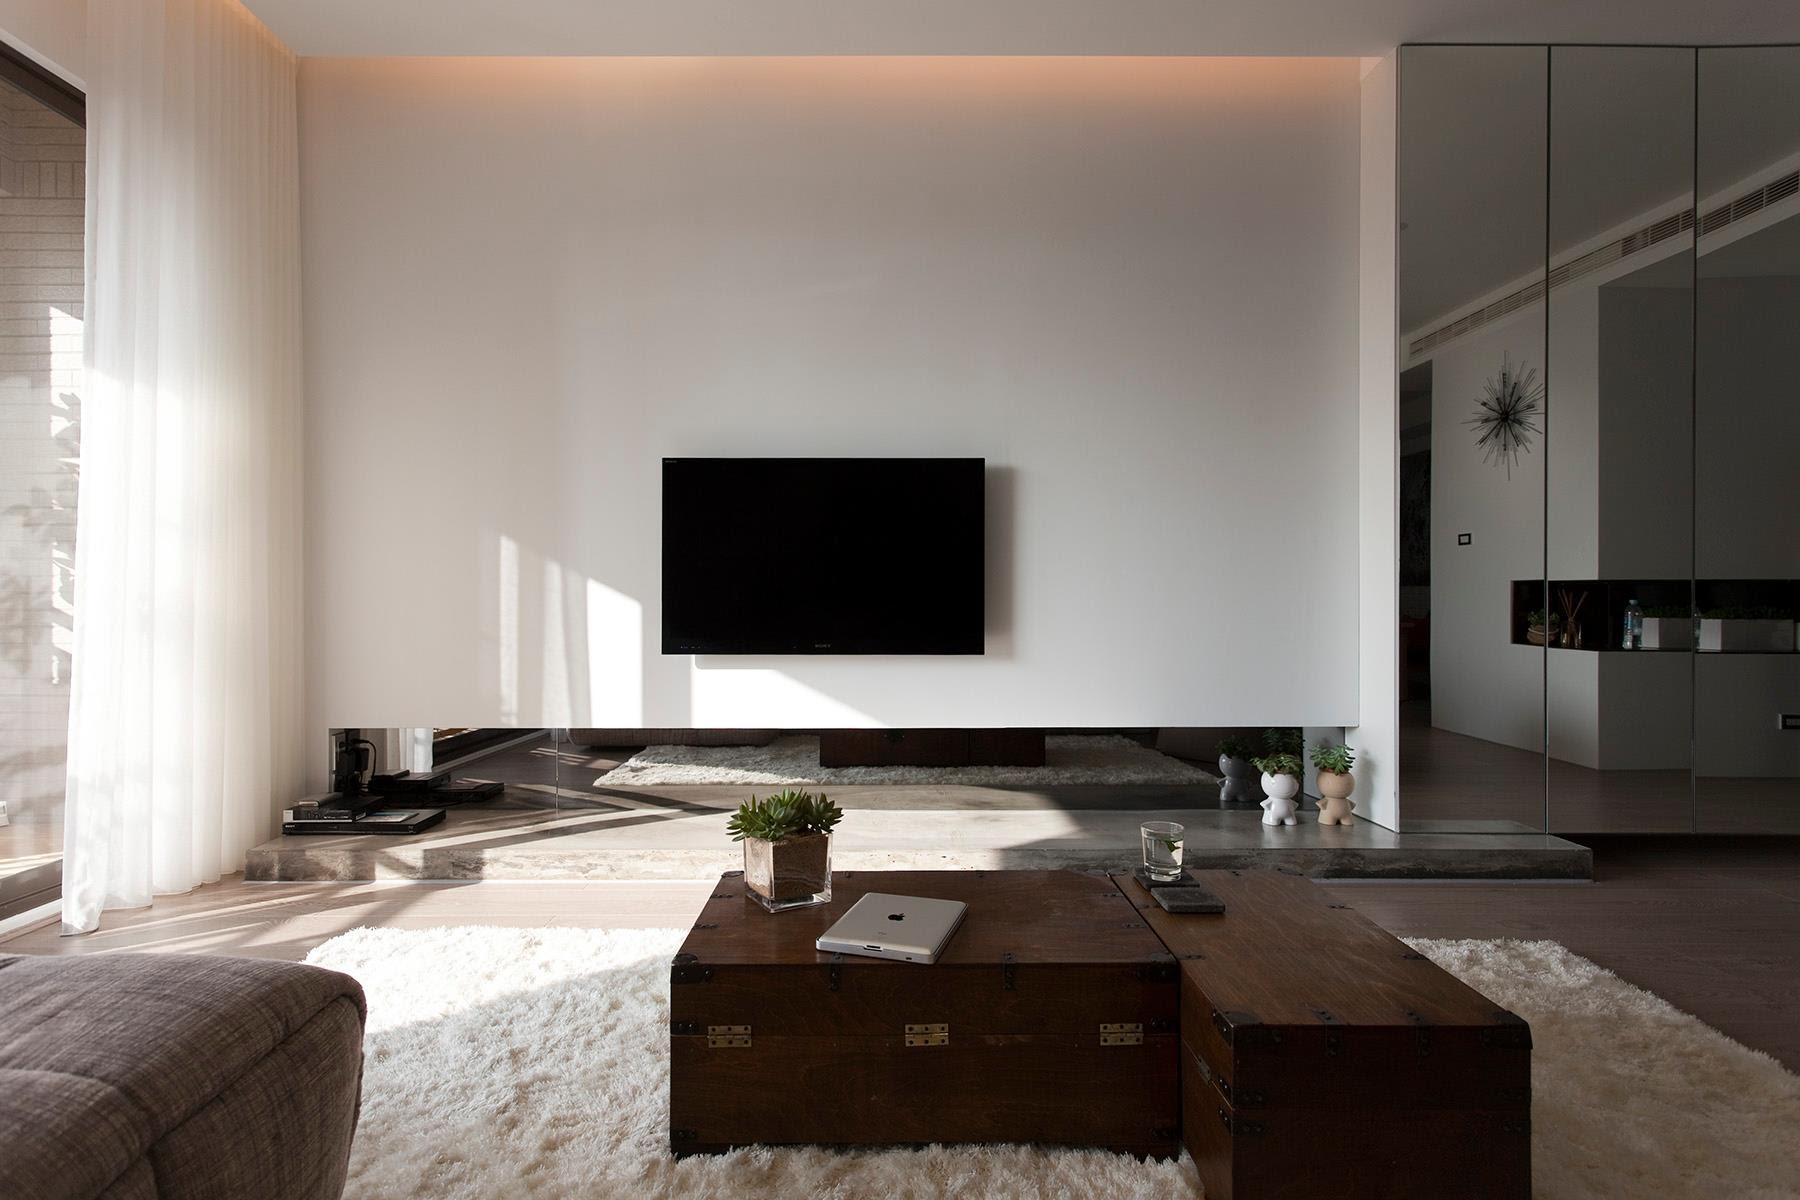 35 Modern Living Room Designs For 2017 / 2018 | Living Room